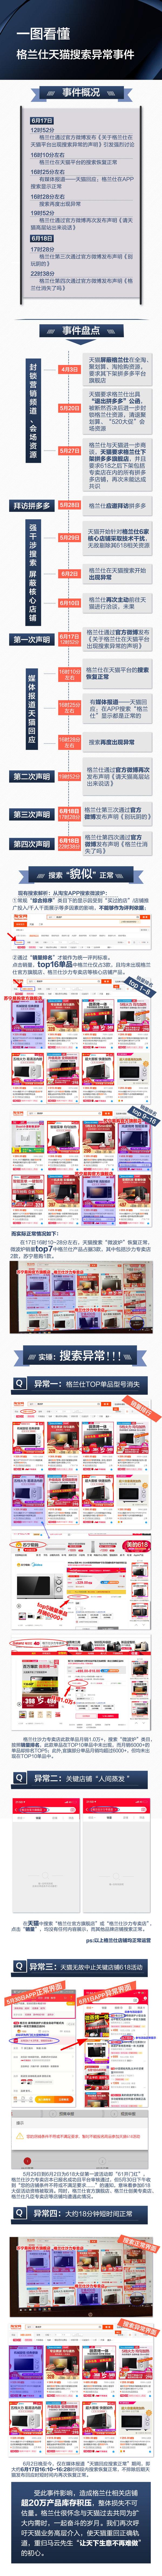 电商平台垄断和不正当竞争? 中国家电巨头愤怒指控